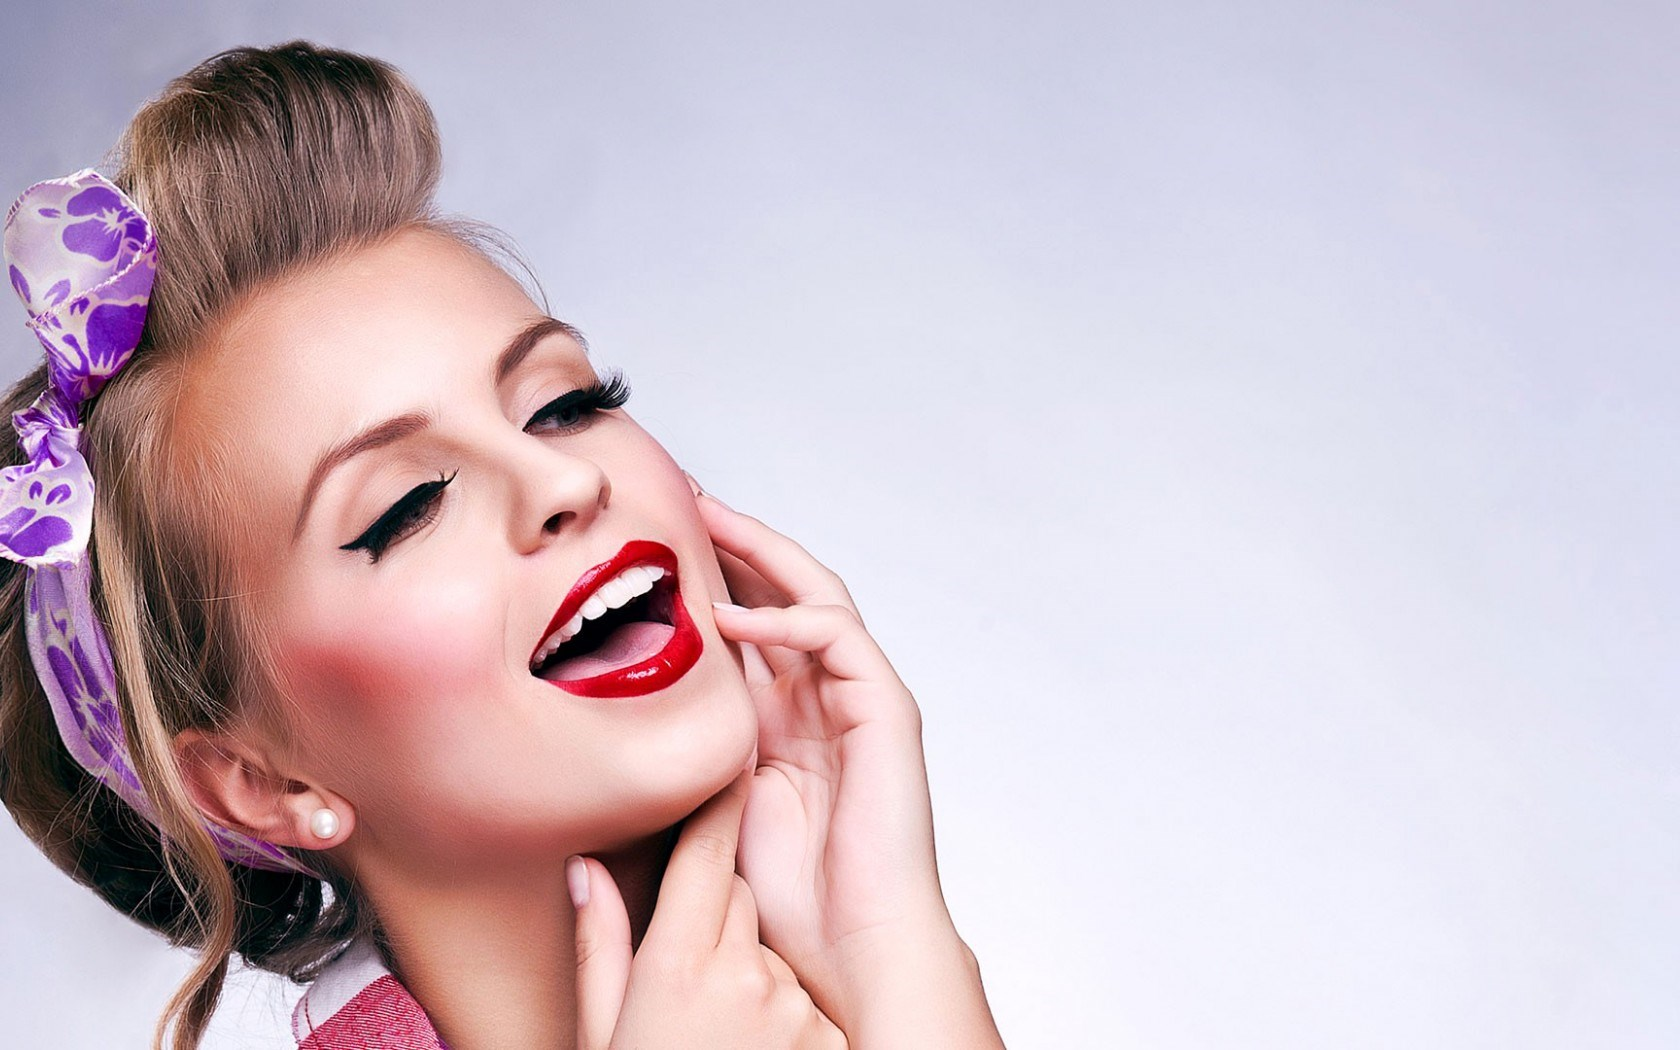 Portrait Beauty Girl Pink Lips Fashion Model